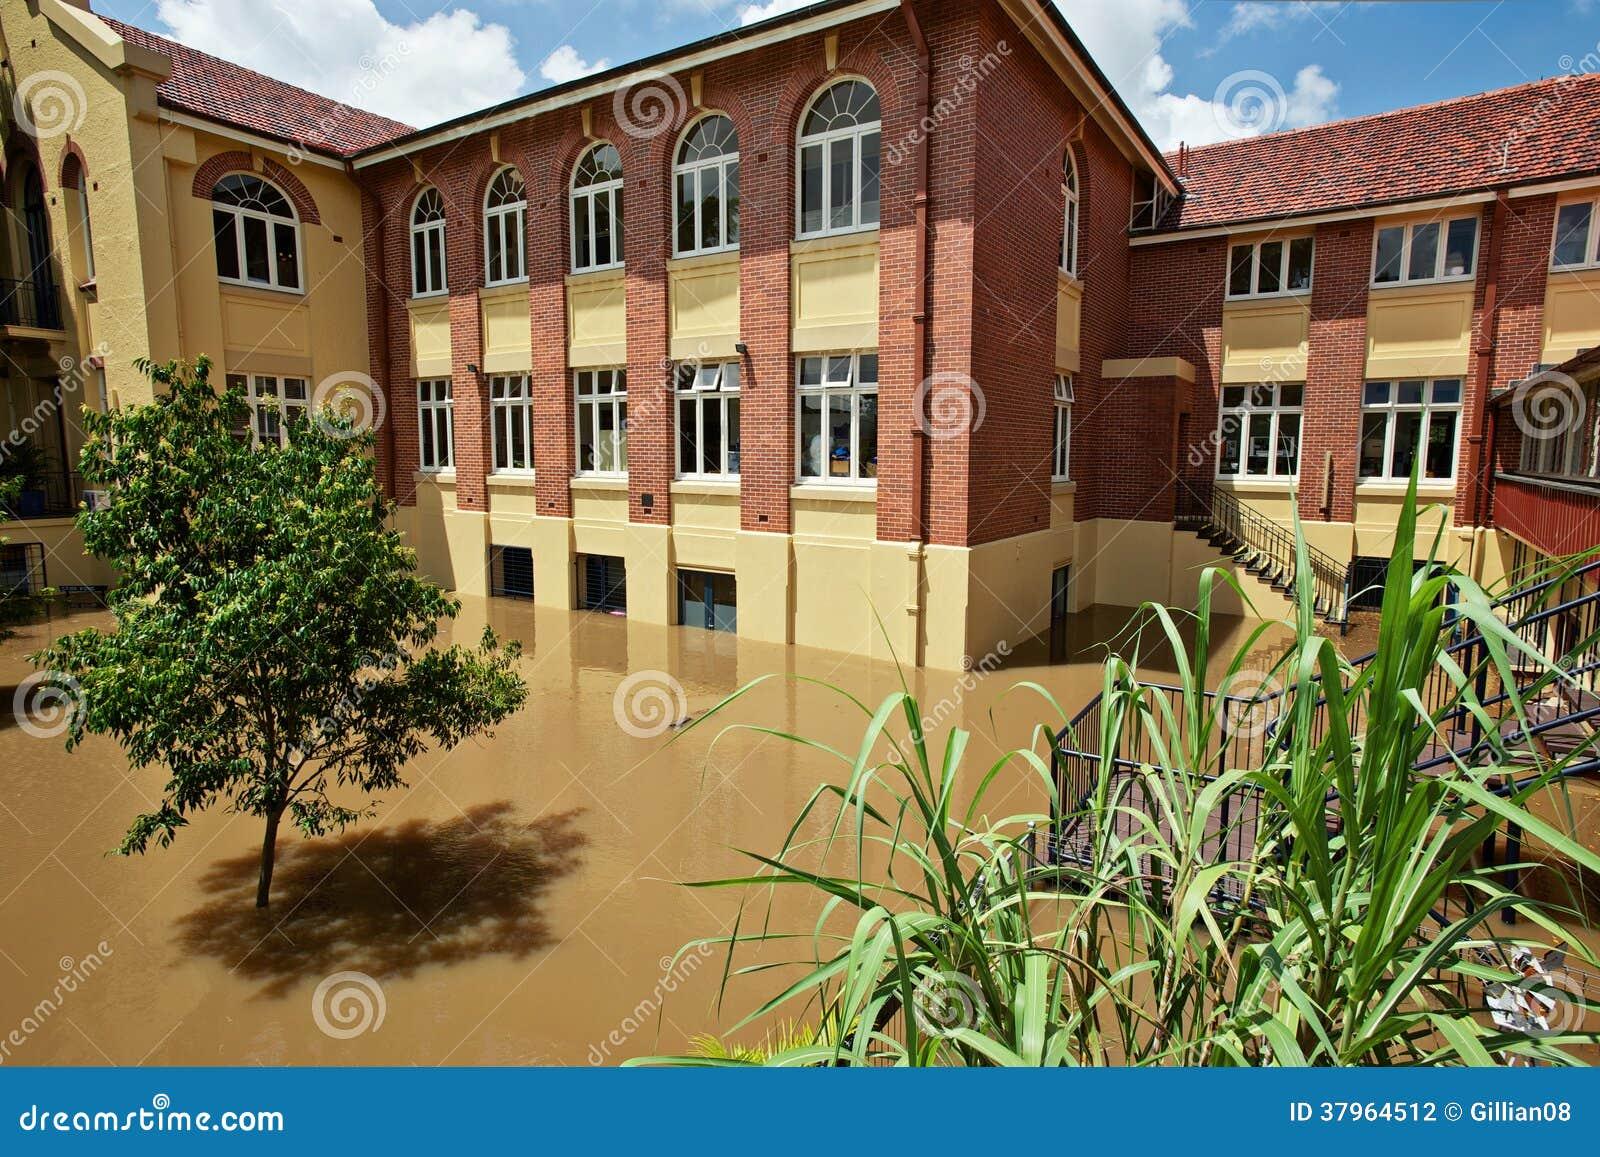 Date school in Brisbane